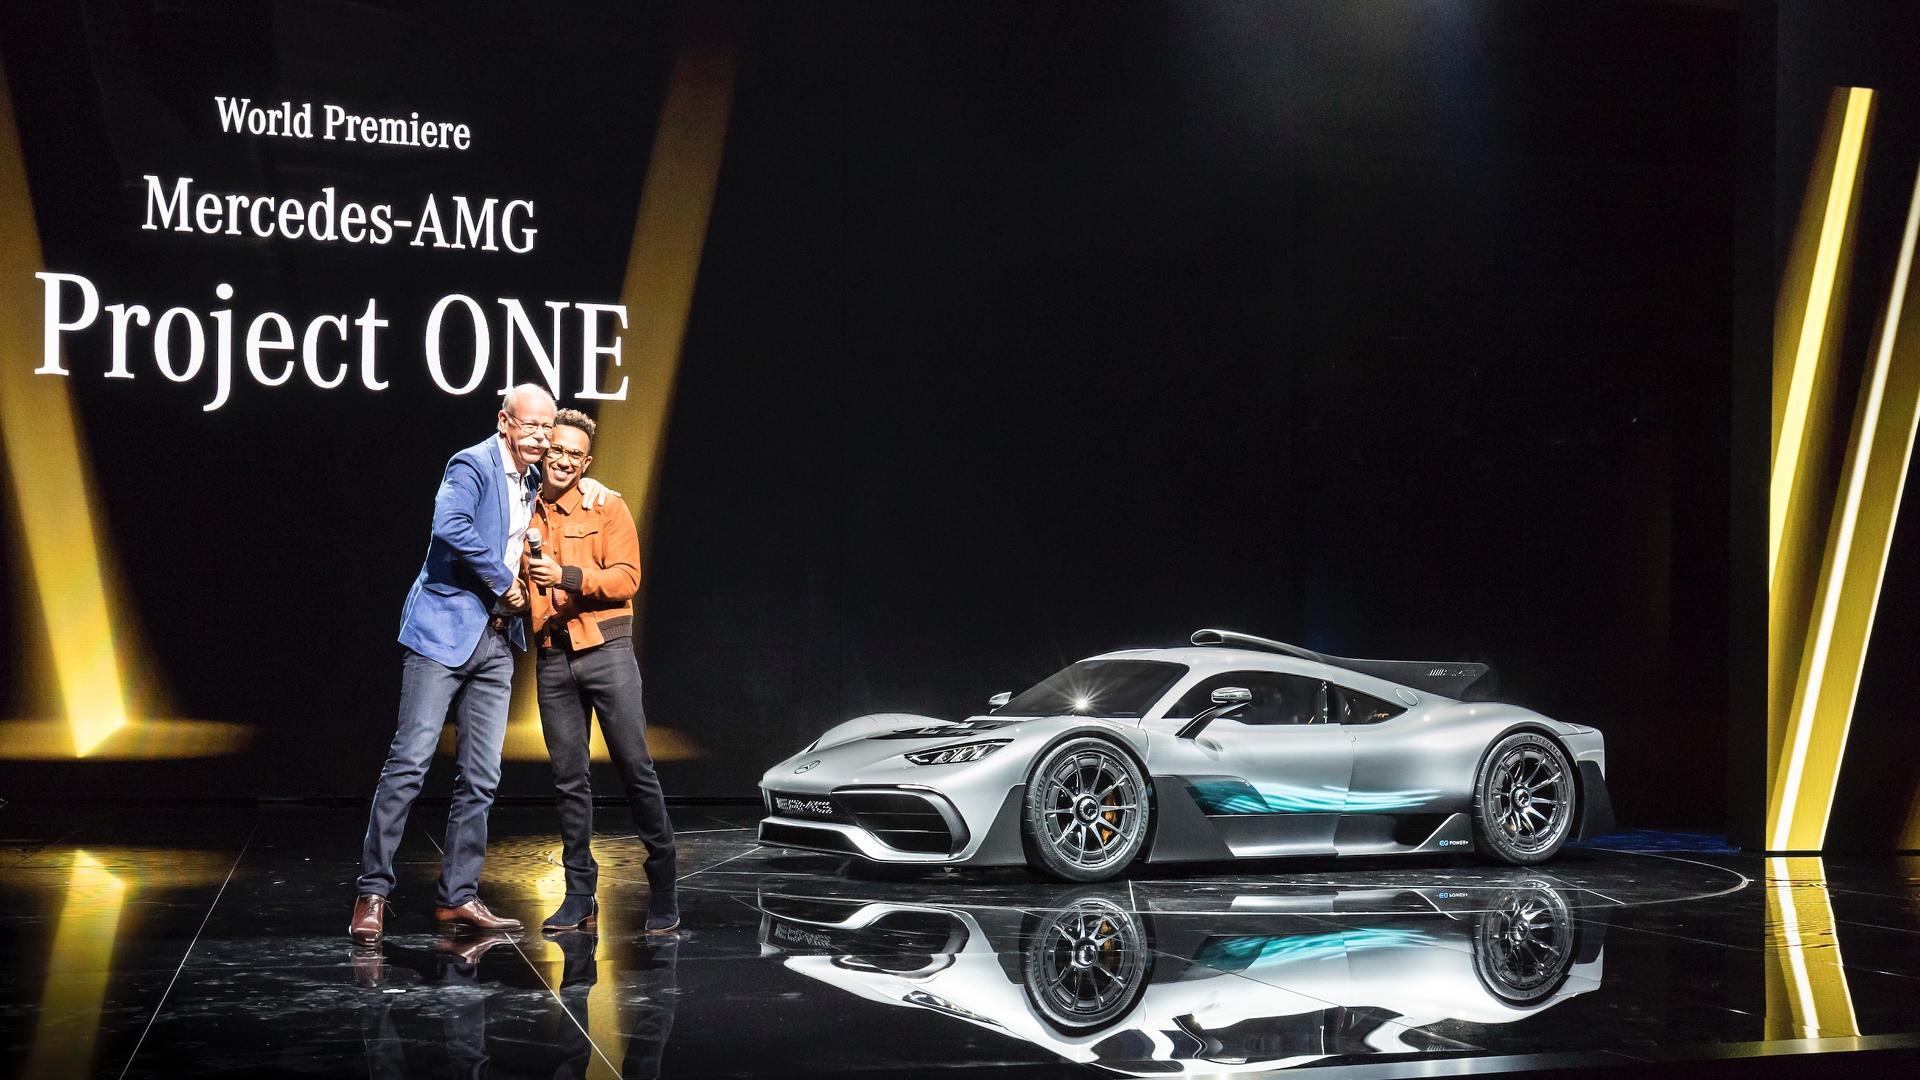 돈만 있으면 누구나 탈 수 있는 F1 머신 메르세데스 AMG 프로젝트 원